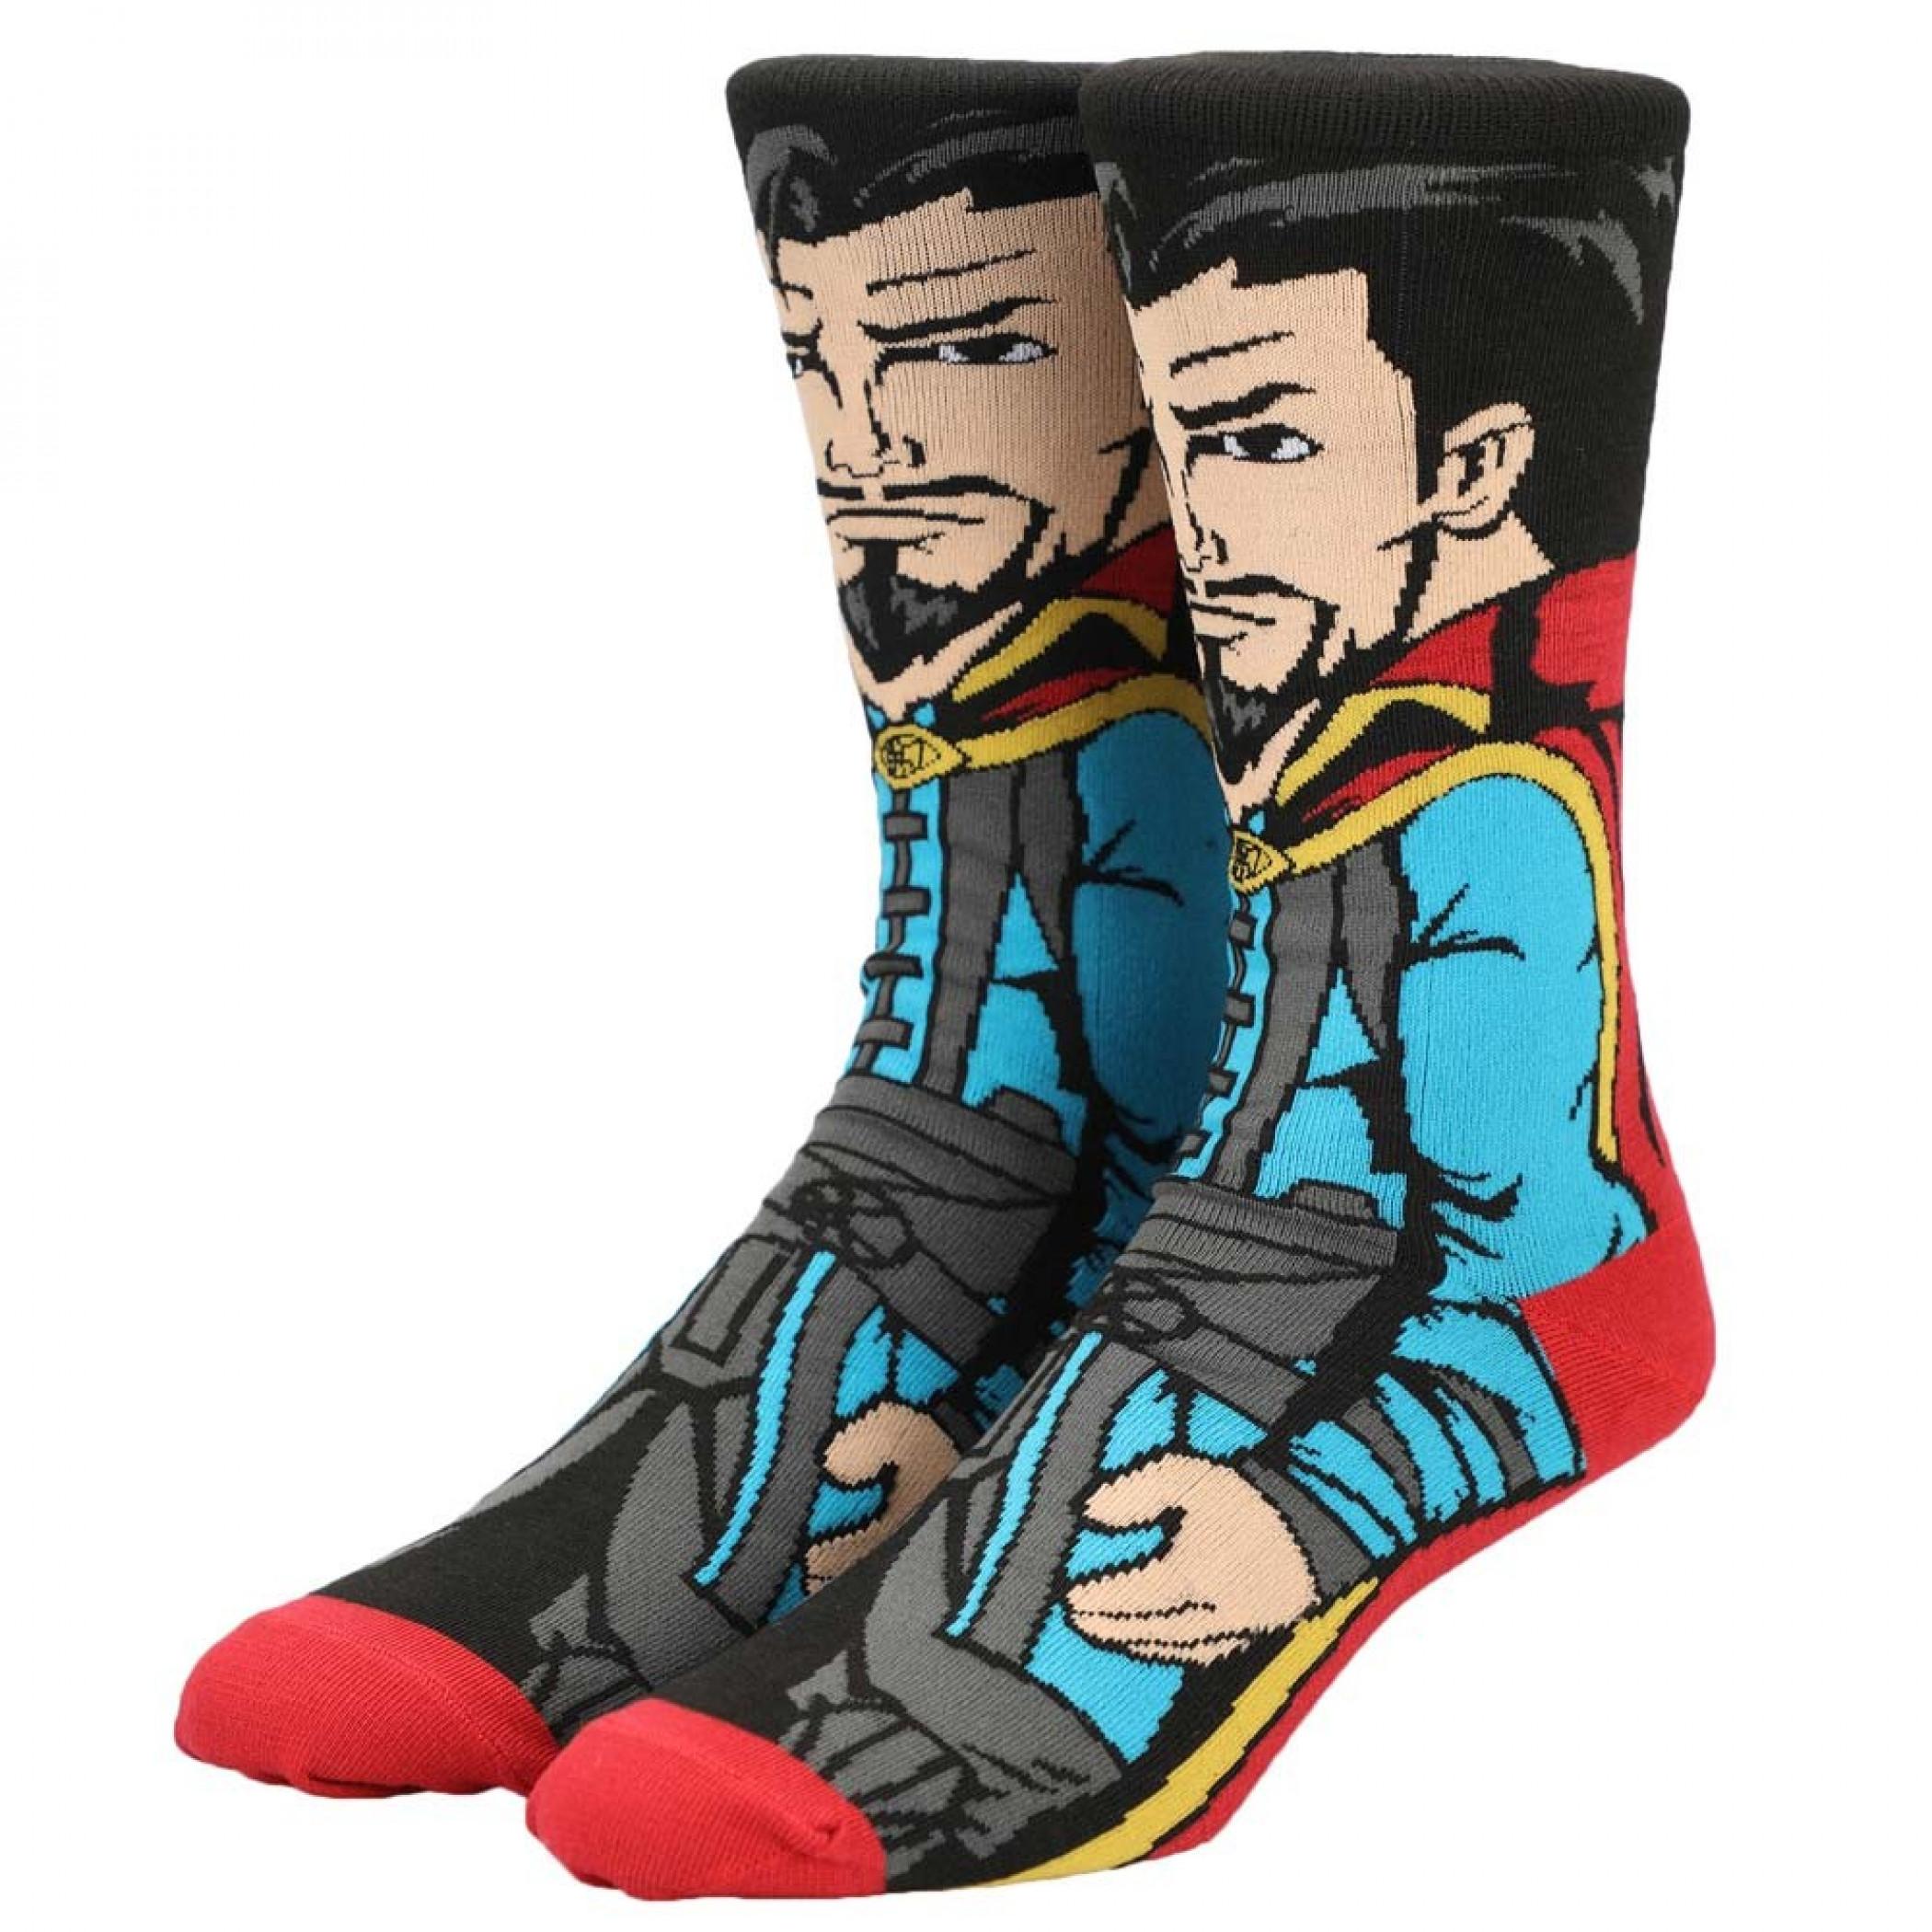 Marvel Dr. Strange 360 Character Crew Sock